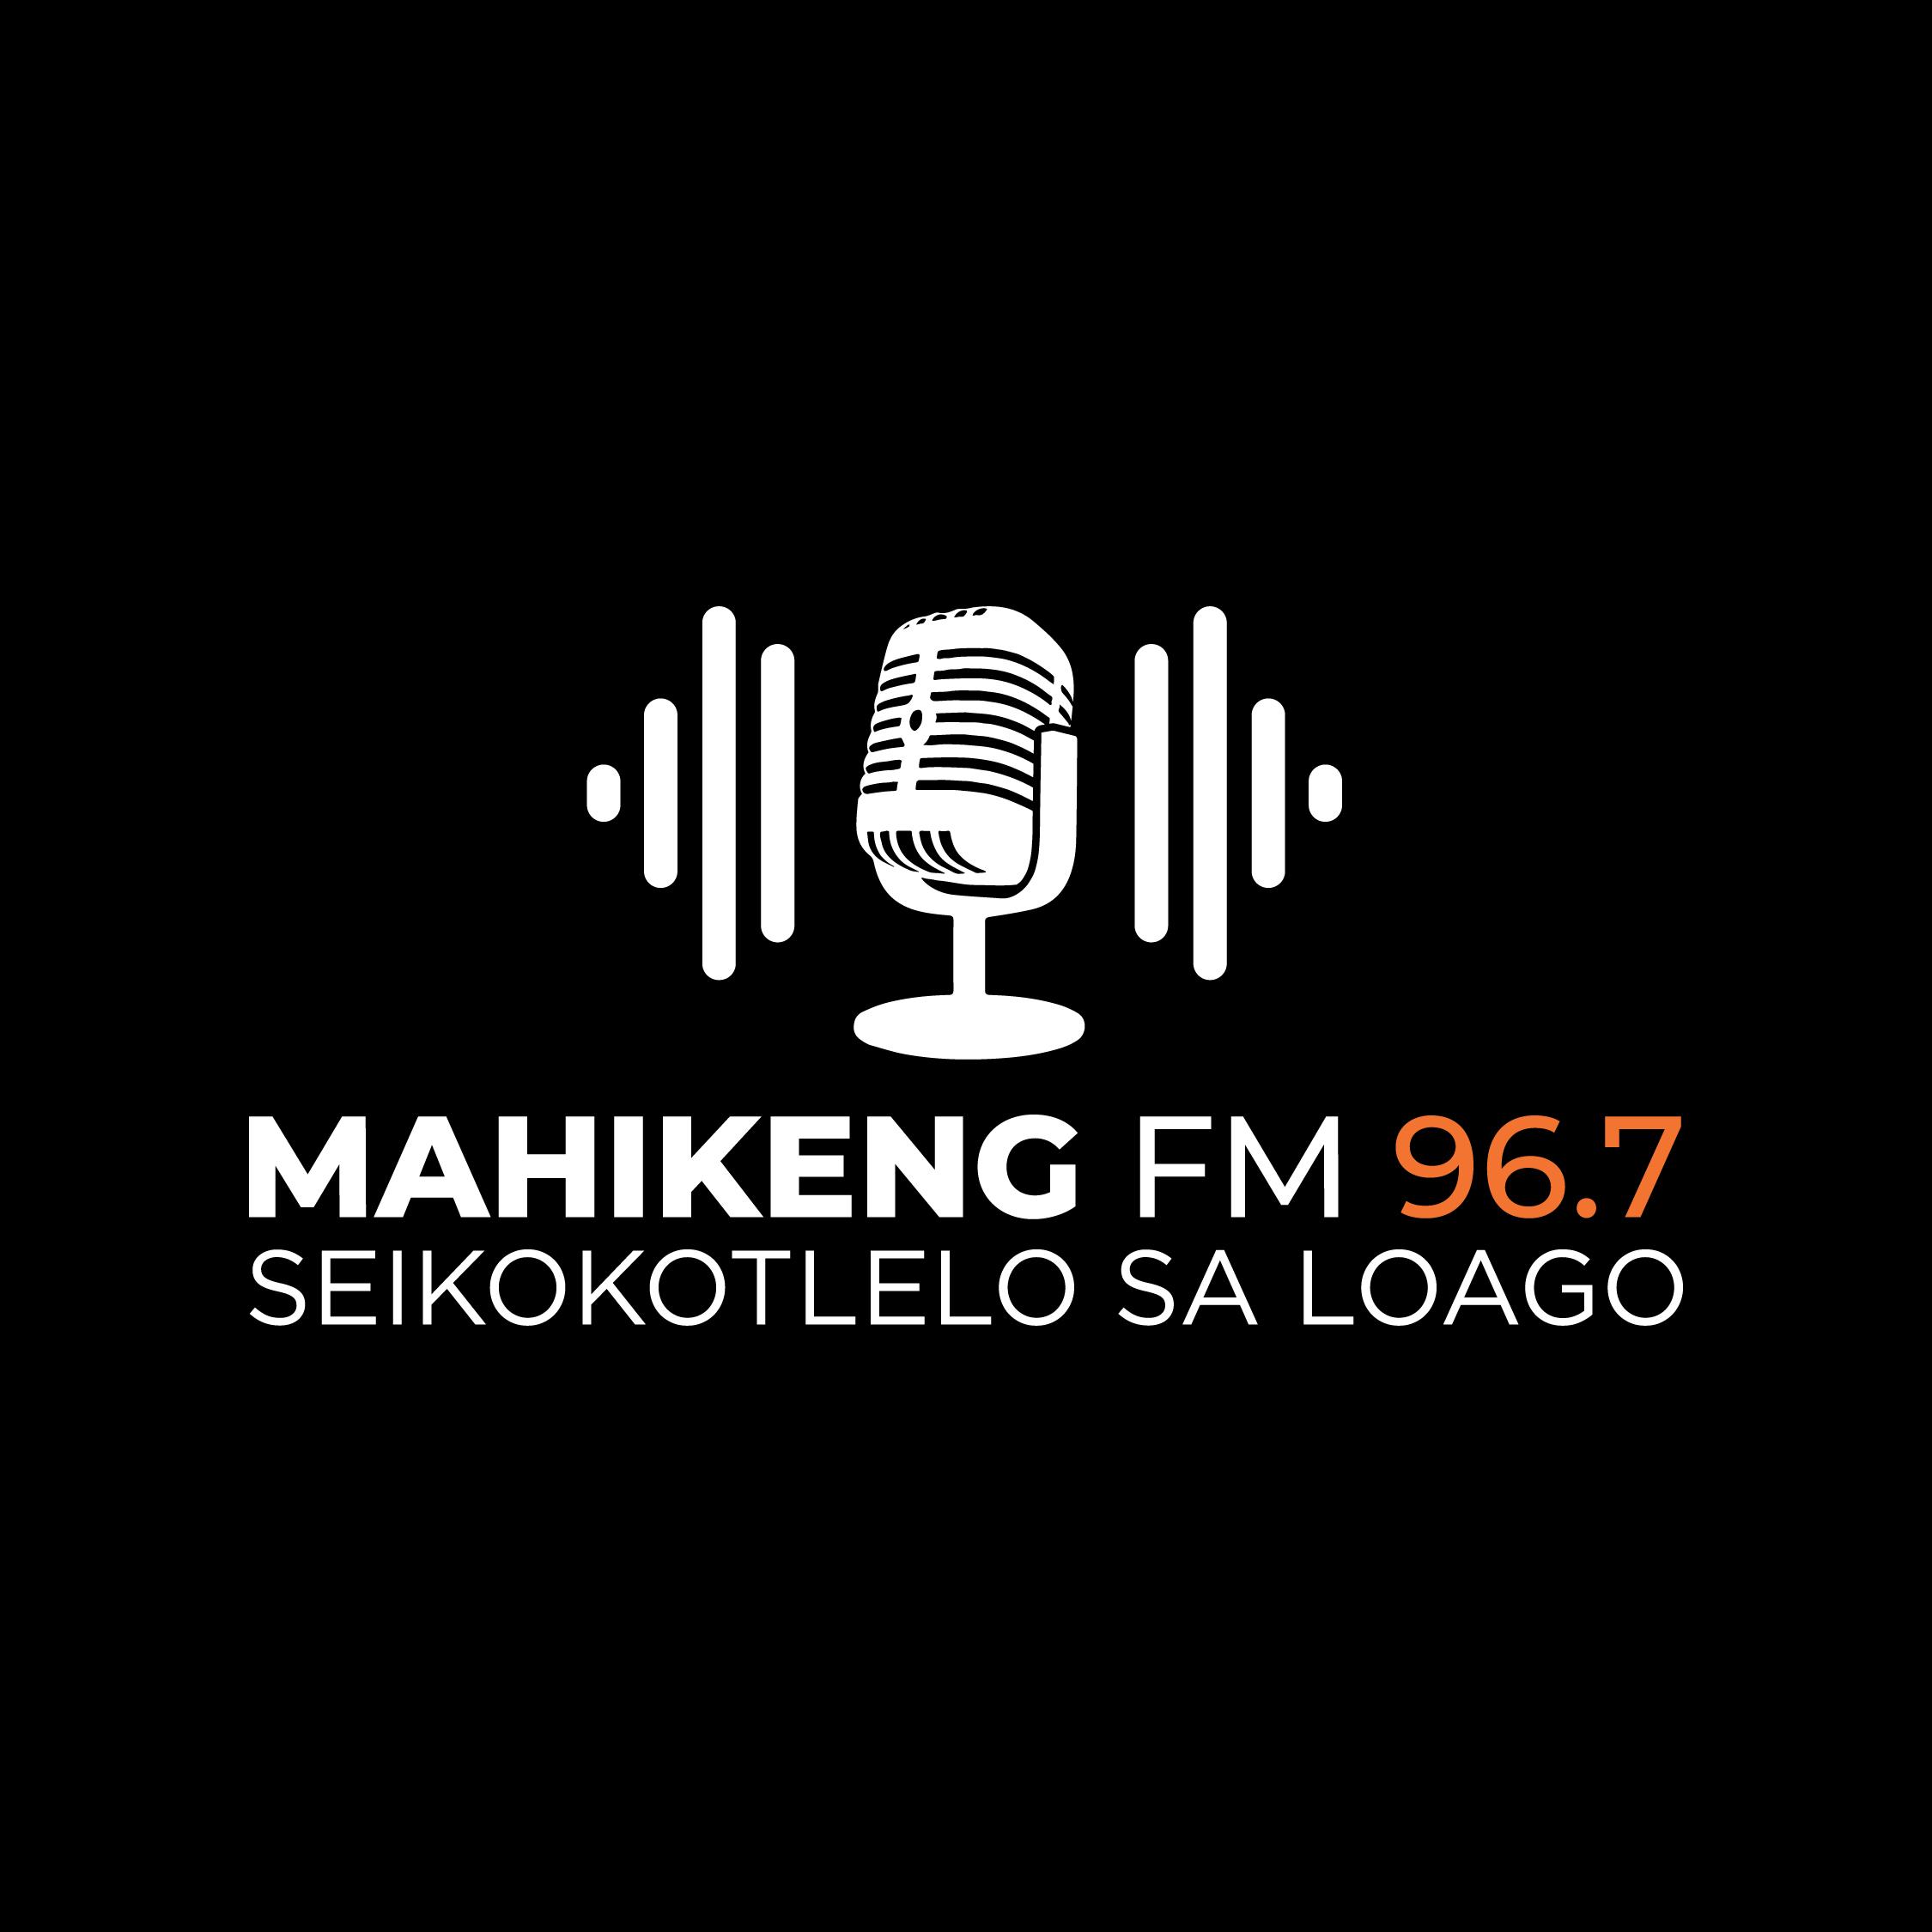 MahikengFM